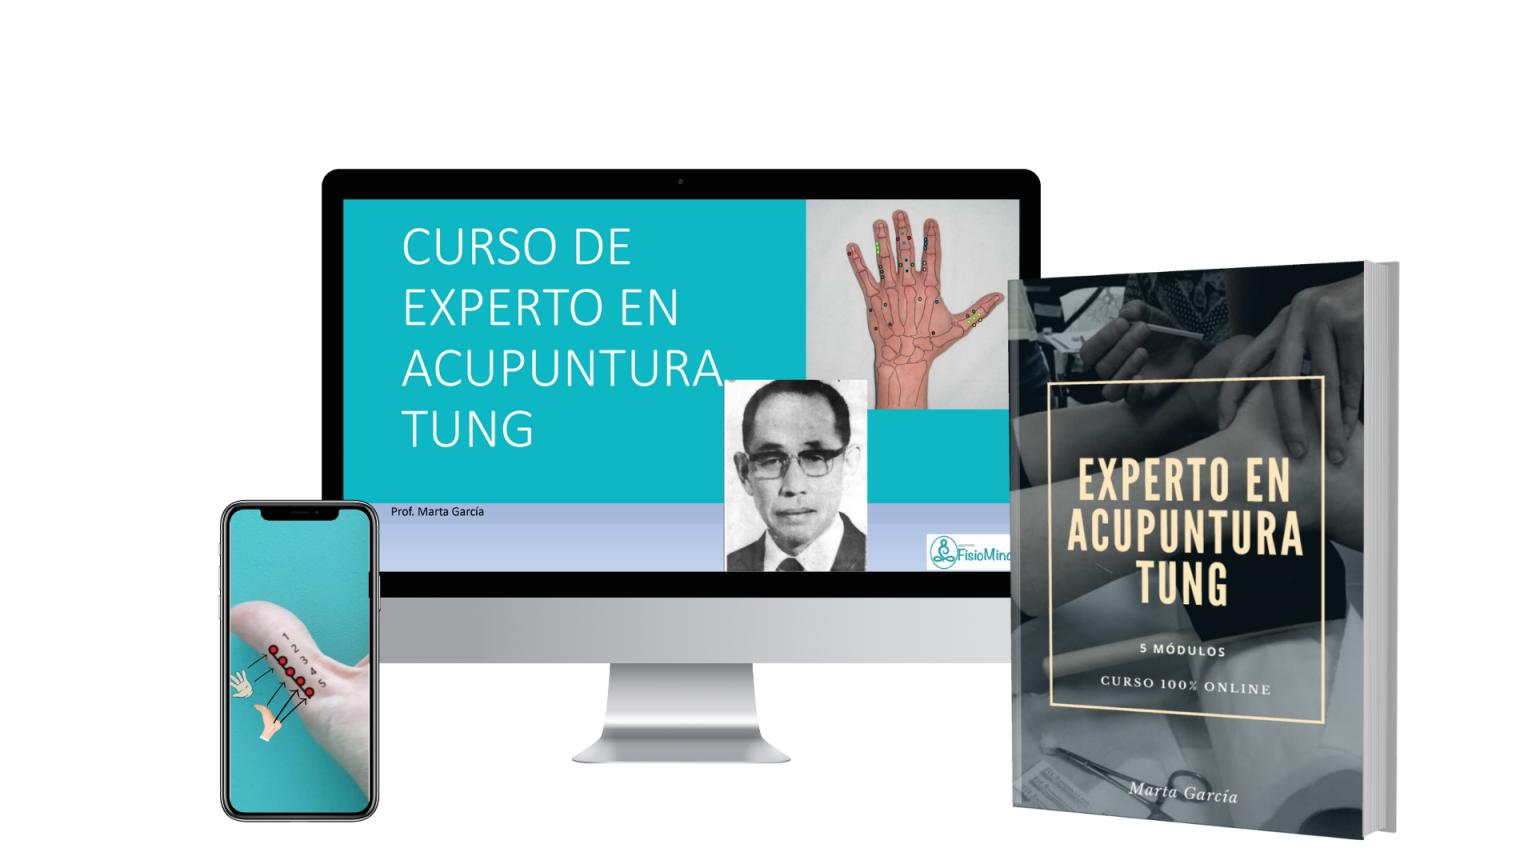 presentacion curso experto acupuntura tung online con modelo de libro y vista en movil y ordenador